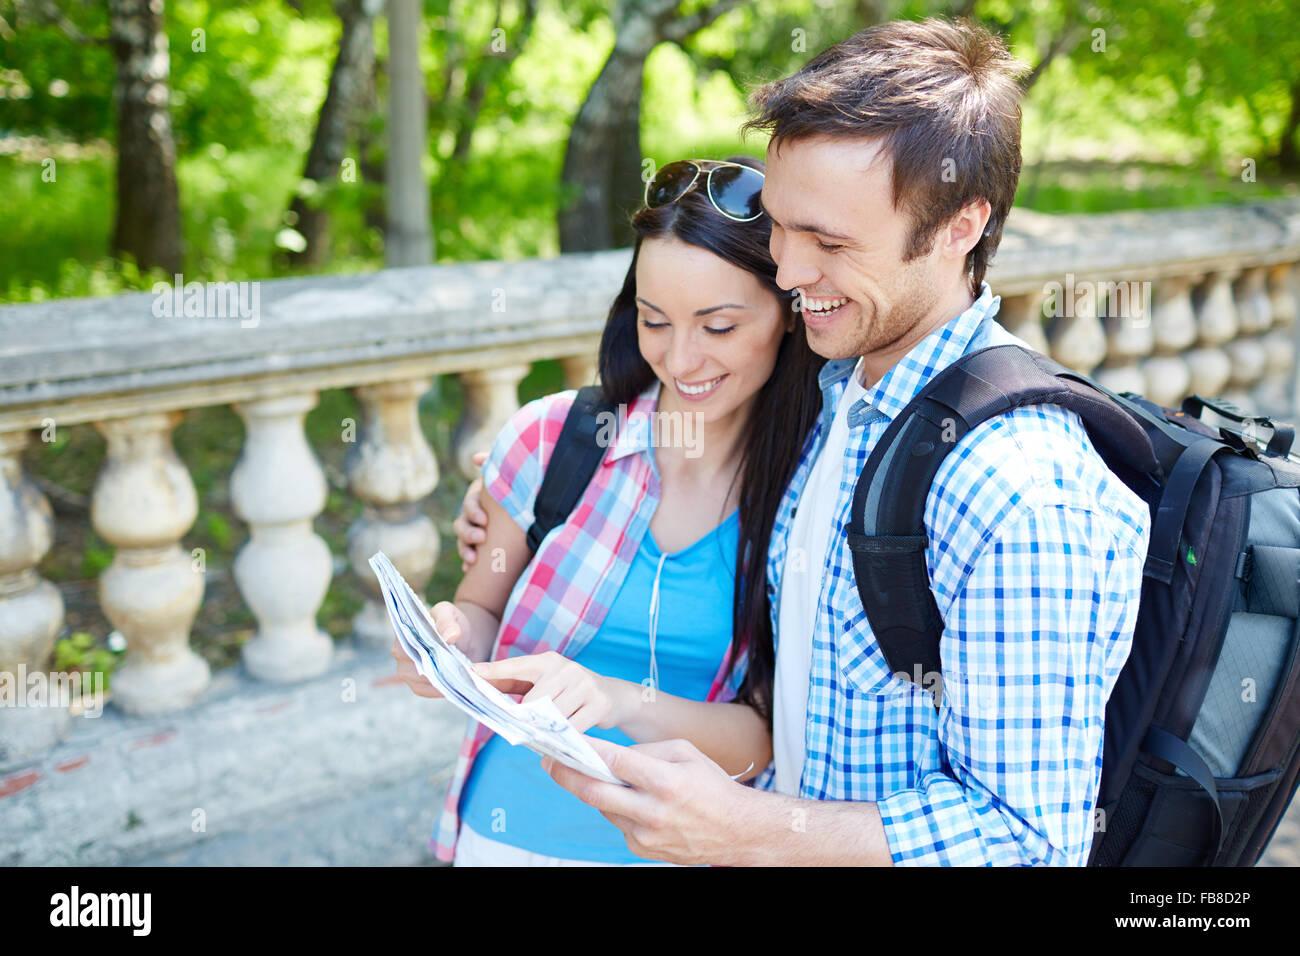 Par de turistas consultar una guía de la ciudad buscando lugares en la calle Imagen De Stock